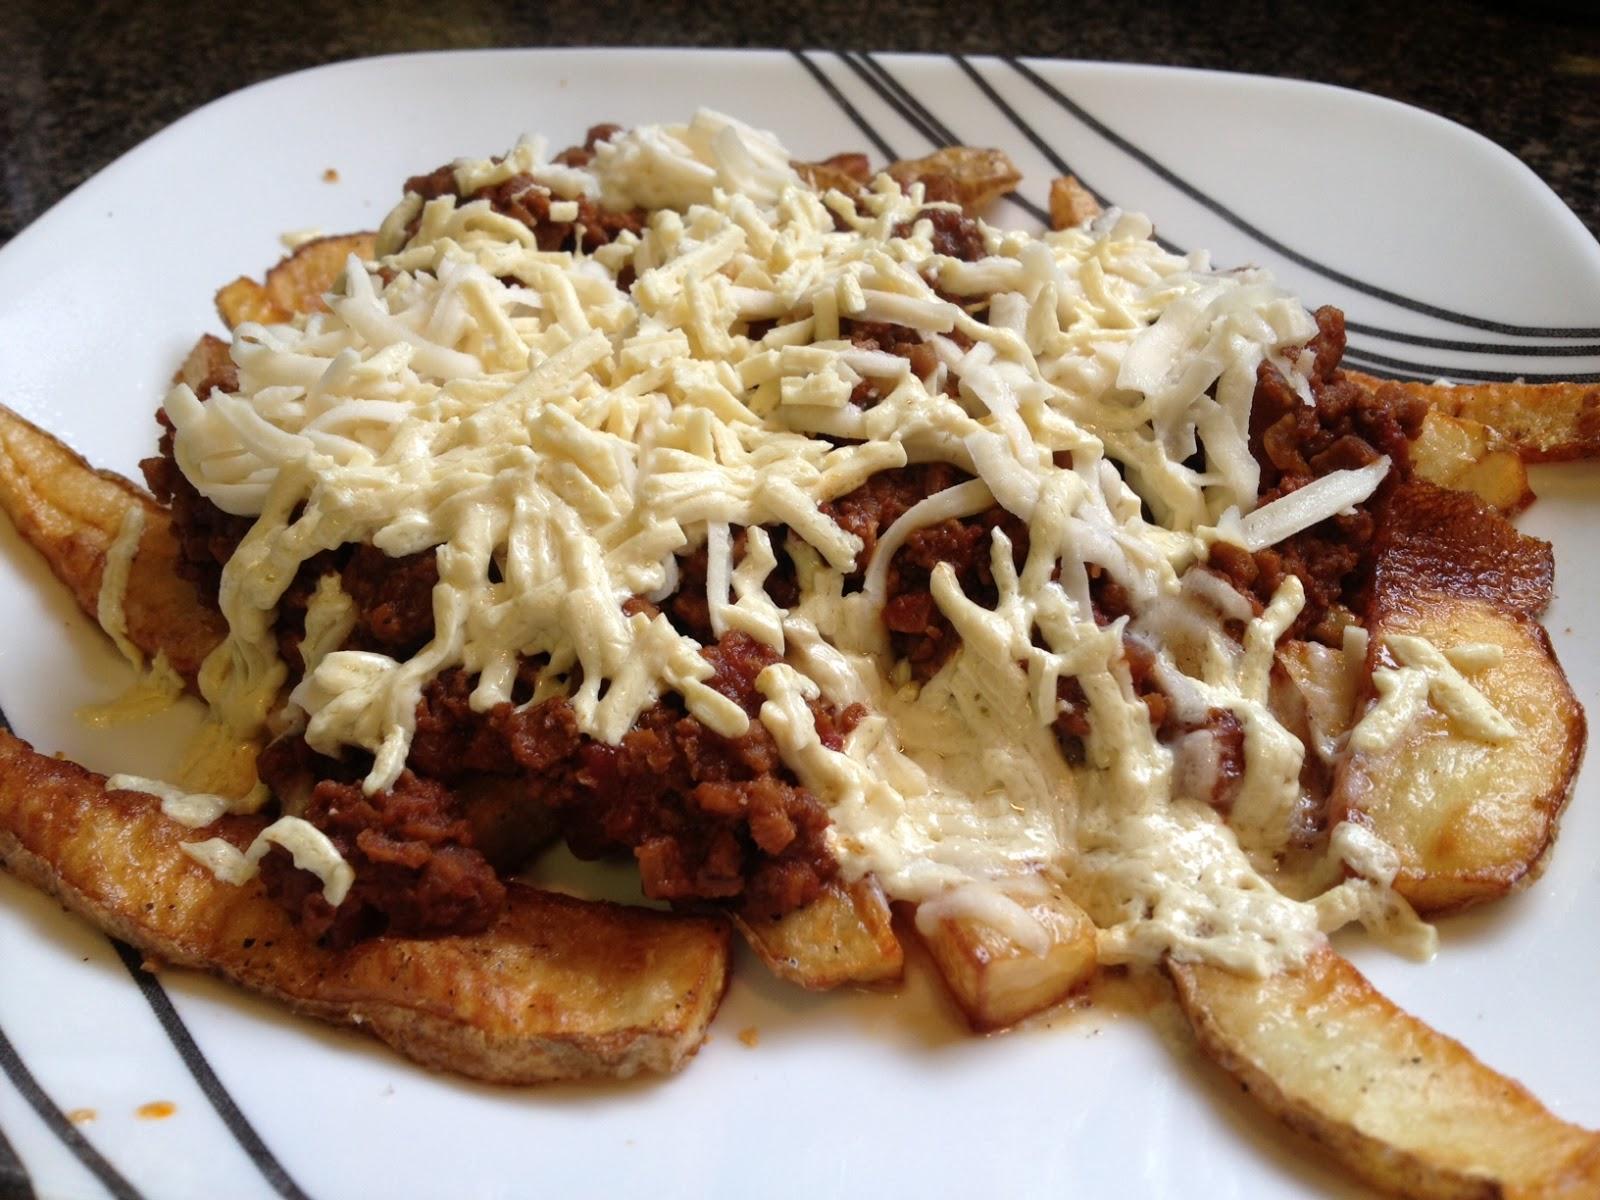 ... chili cheese fries chili cheese fries img 3888 four bean chili